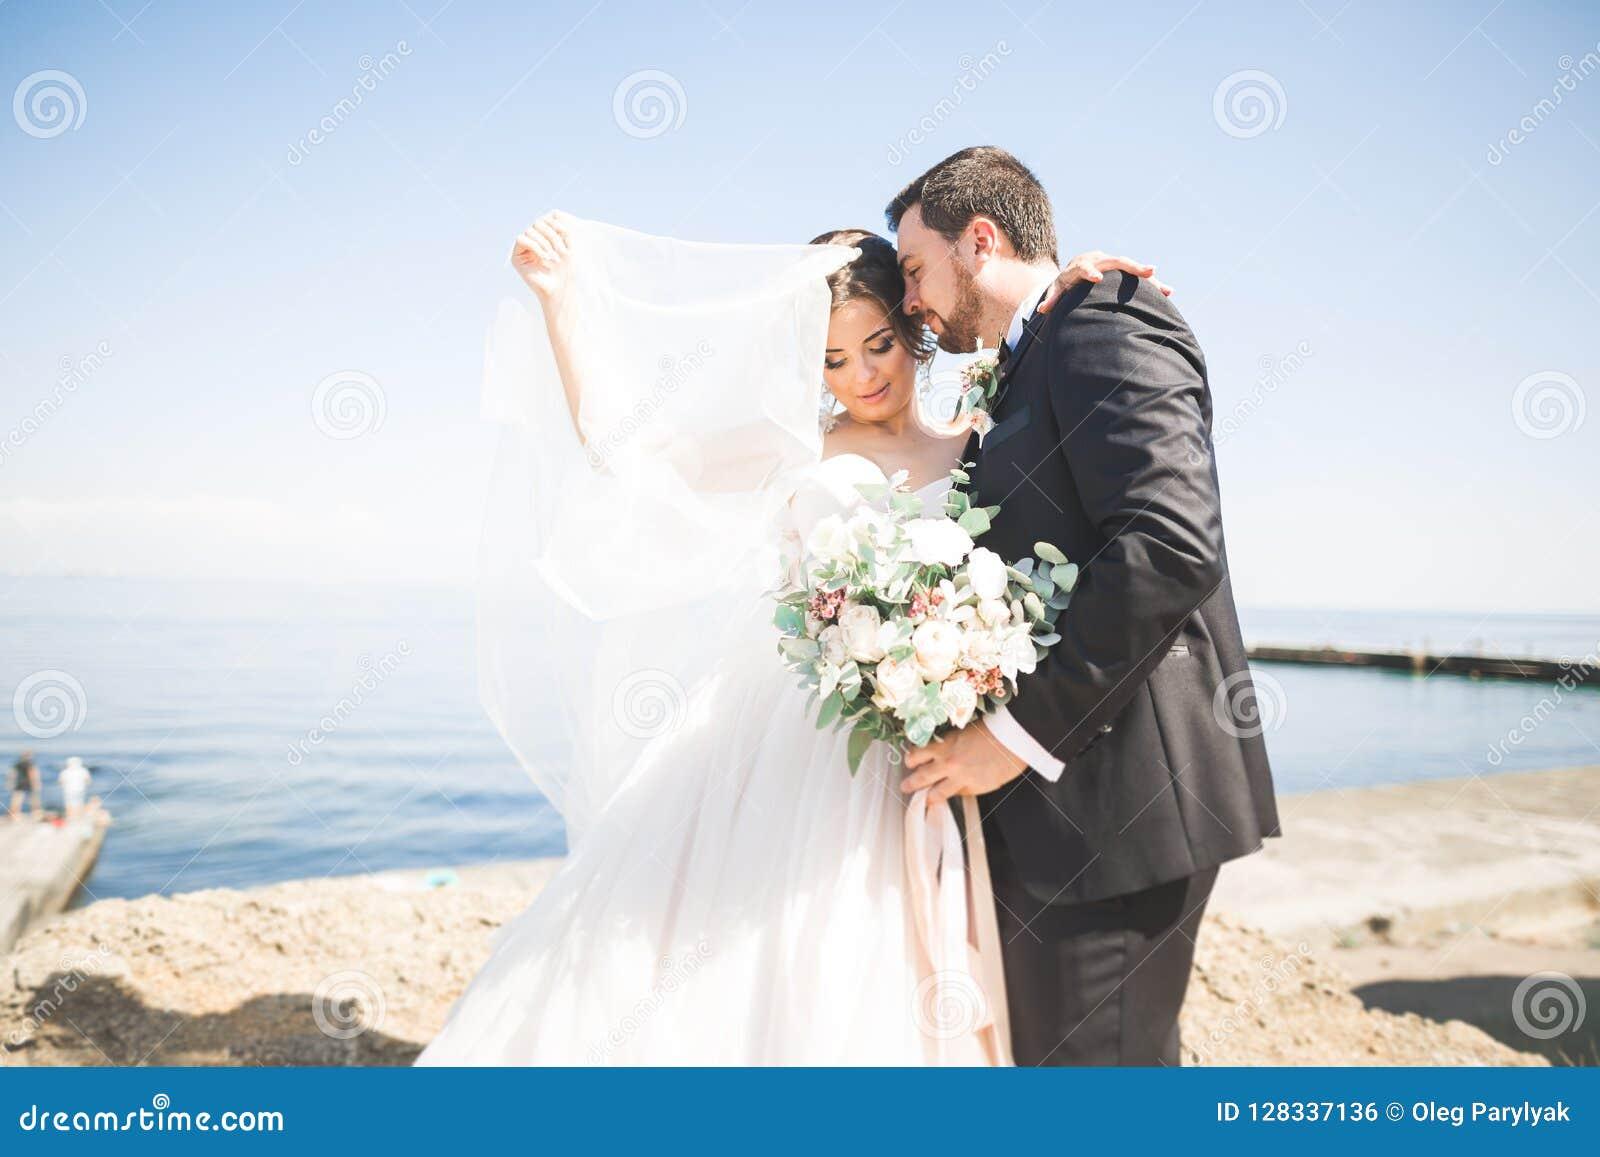 Ευτυχής και ρομαντική σκηνή ακριβώς της παντρεμένης νέας τοποθέτησης γαμήλιων ζευγών στην όμορφη παραλία